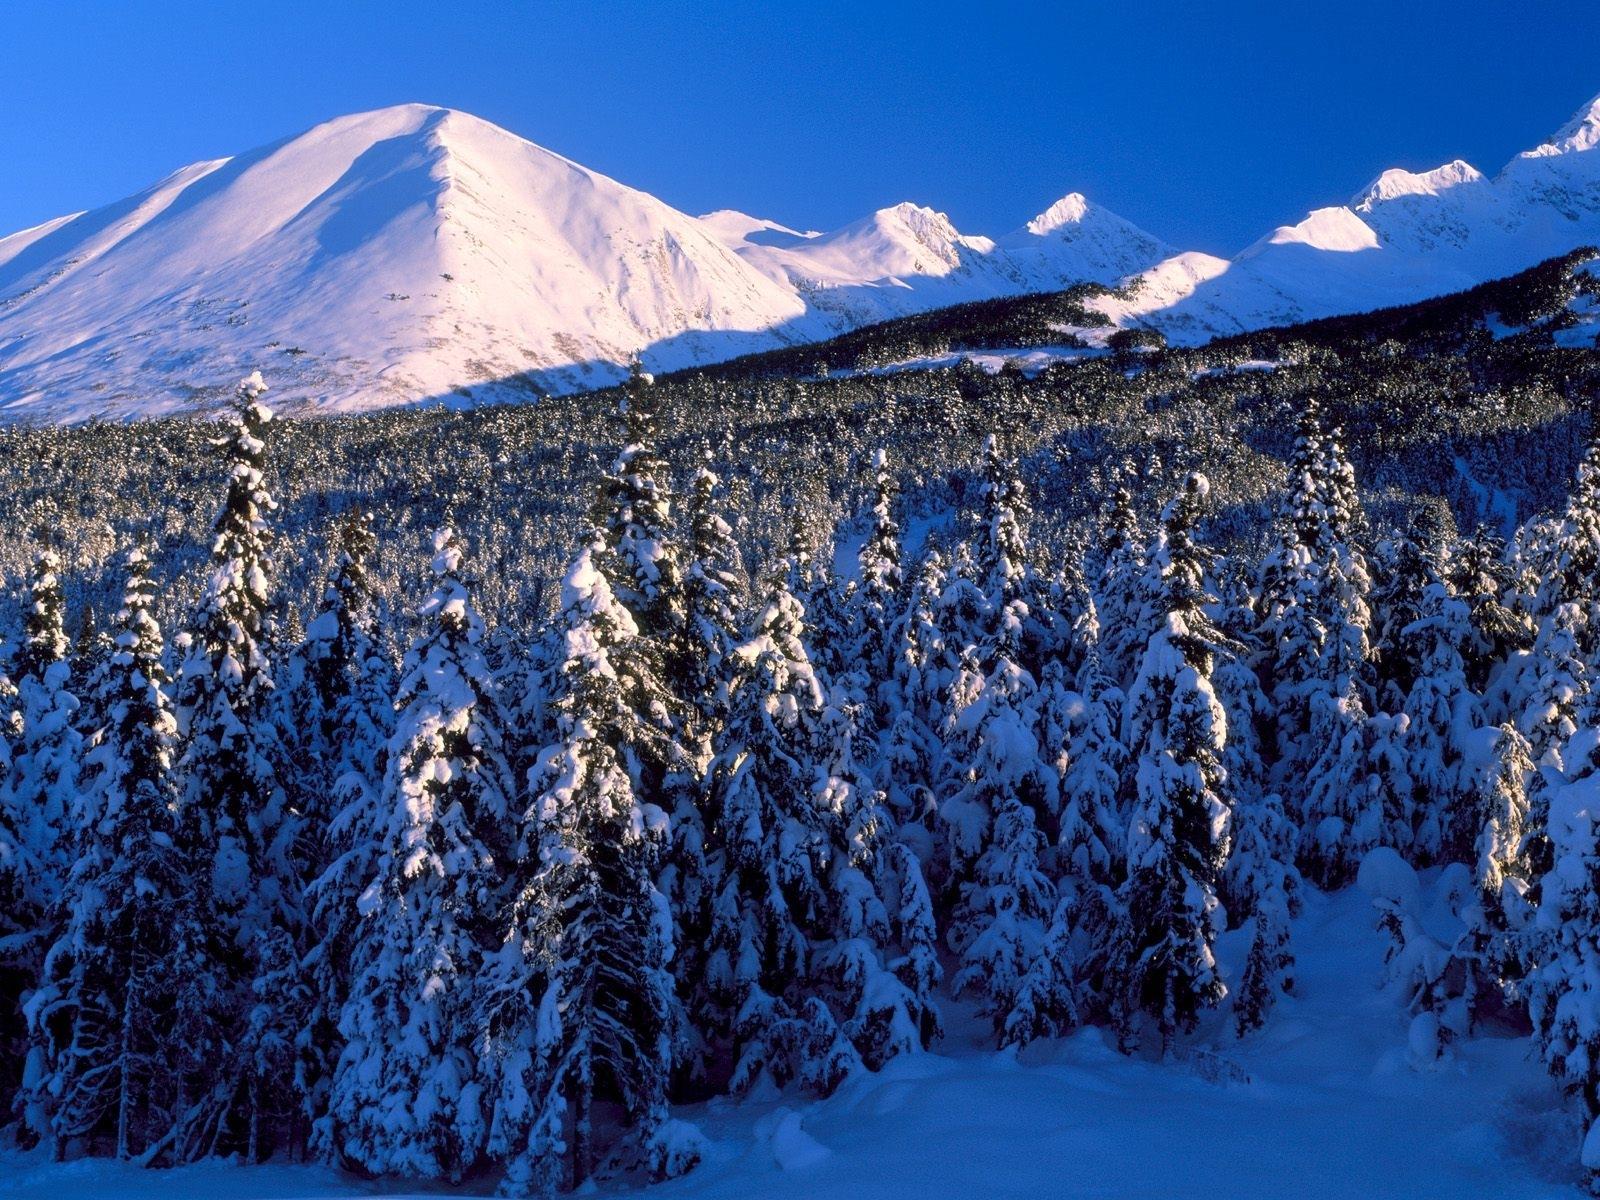 3224 скачать обои Пейзаж, Зима, Деревья, Горы, Елки - заставки и картинки бесплатно